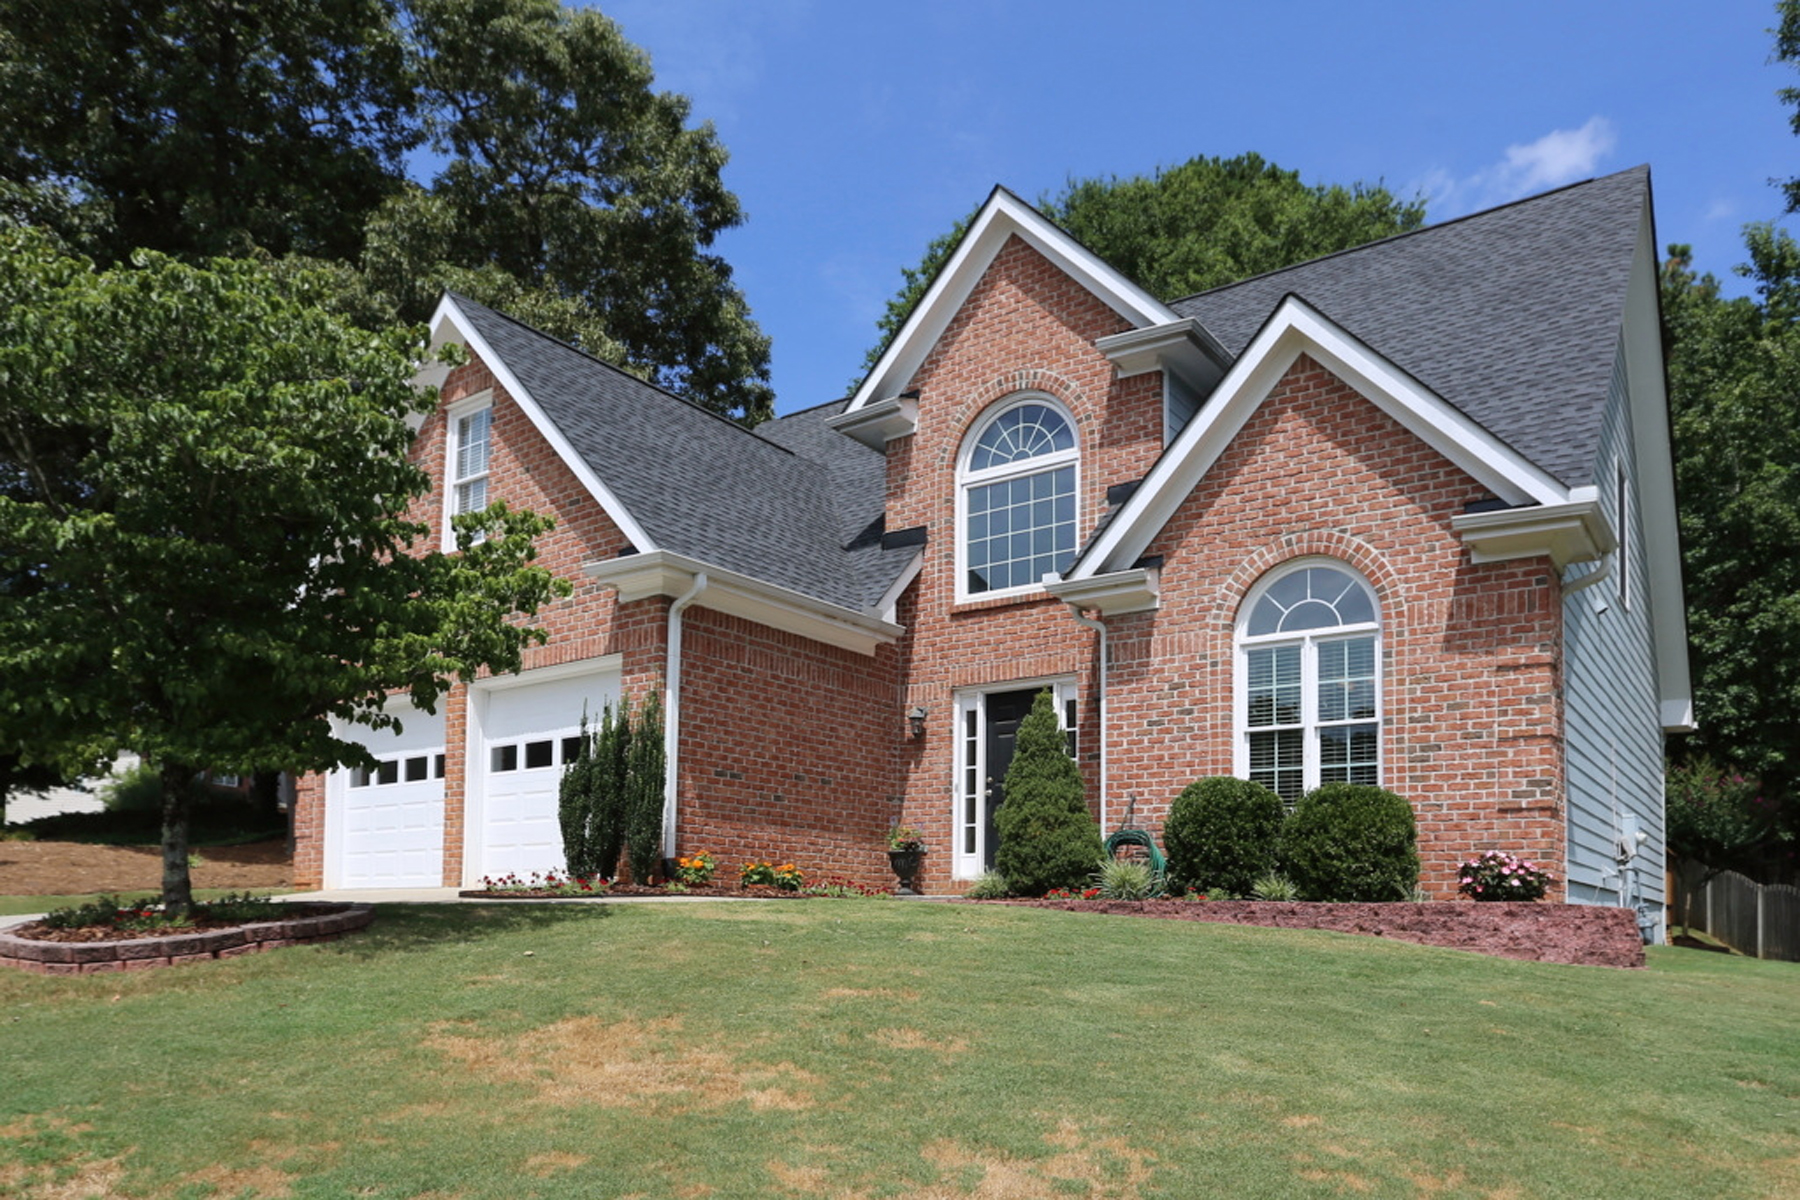 一戸建て のために 売買 アット Pristine Brick Master On Main With Prime South Forsyth Location 5610 Shepherds Pond Alpharetta, ジョージア, 30004 アメリカ合衆国